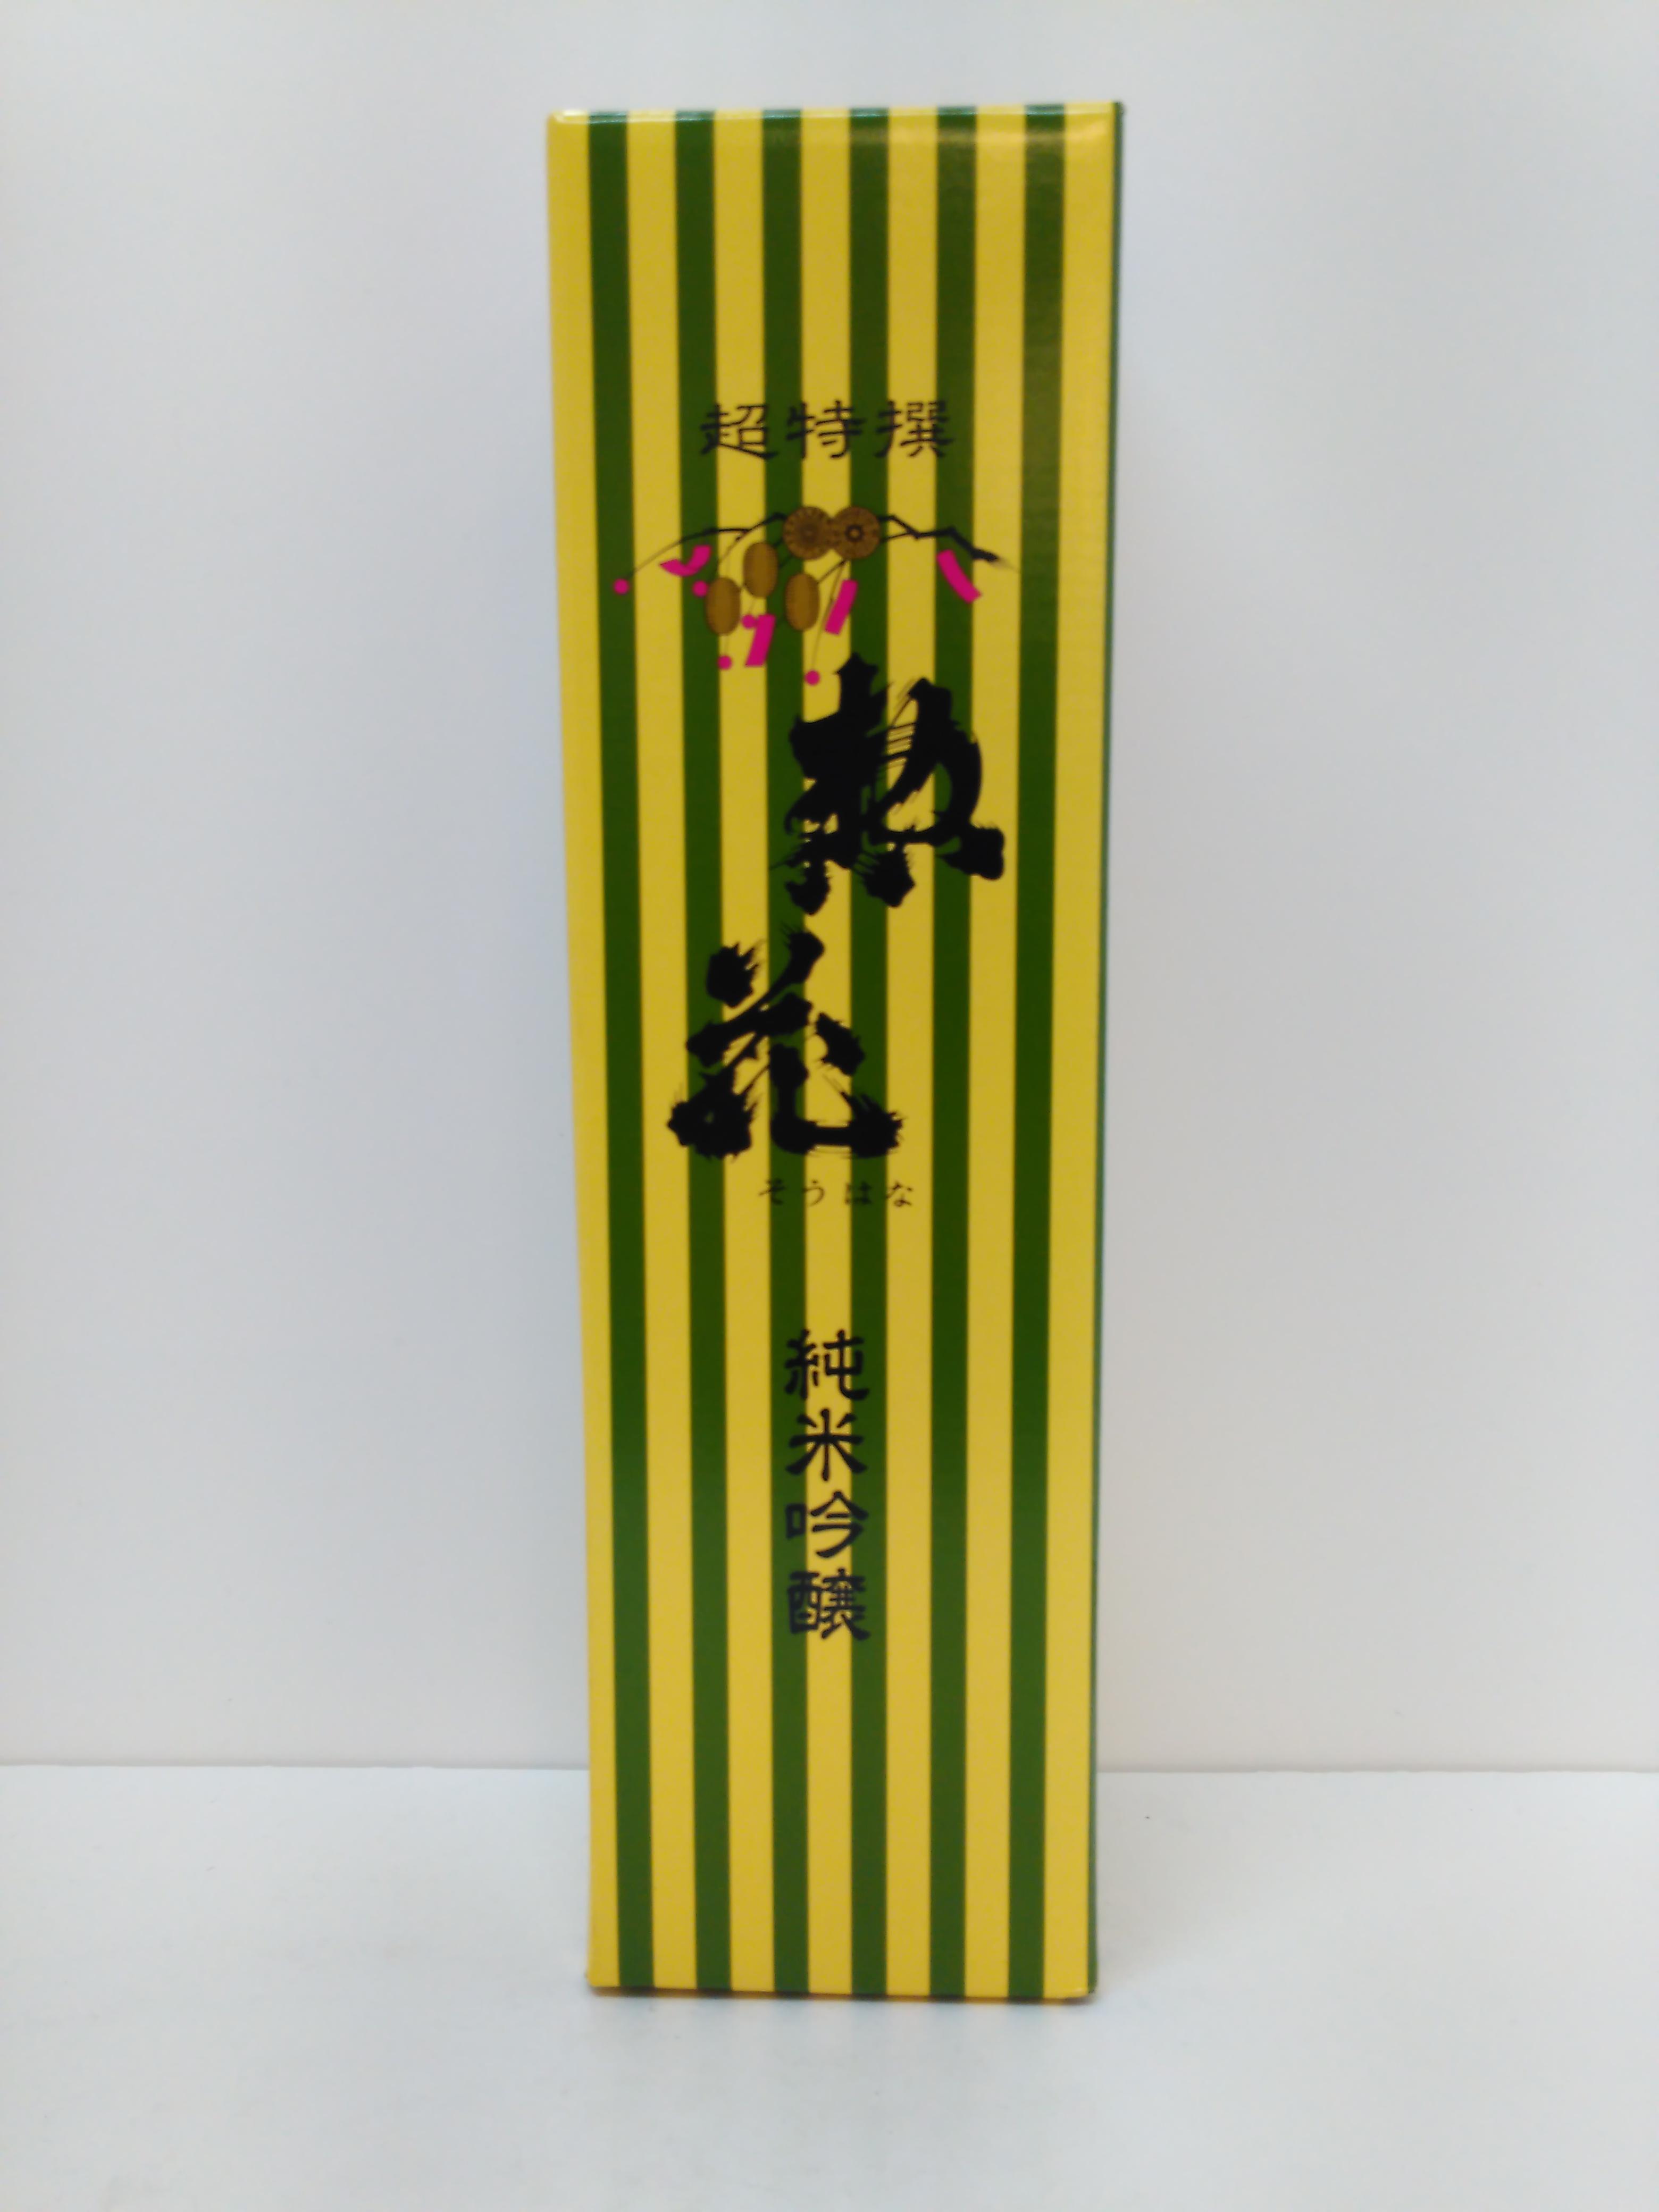 日本盛 超特撰 純米吟醸 惣花 化粧箱入 720ml